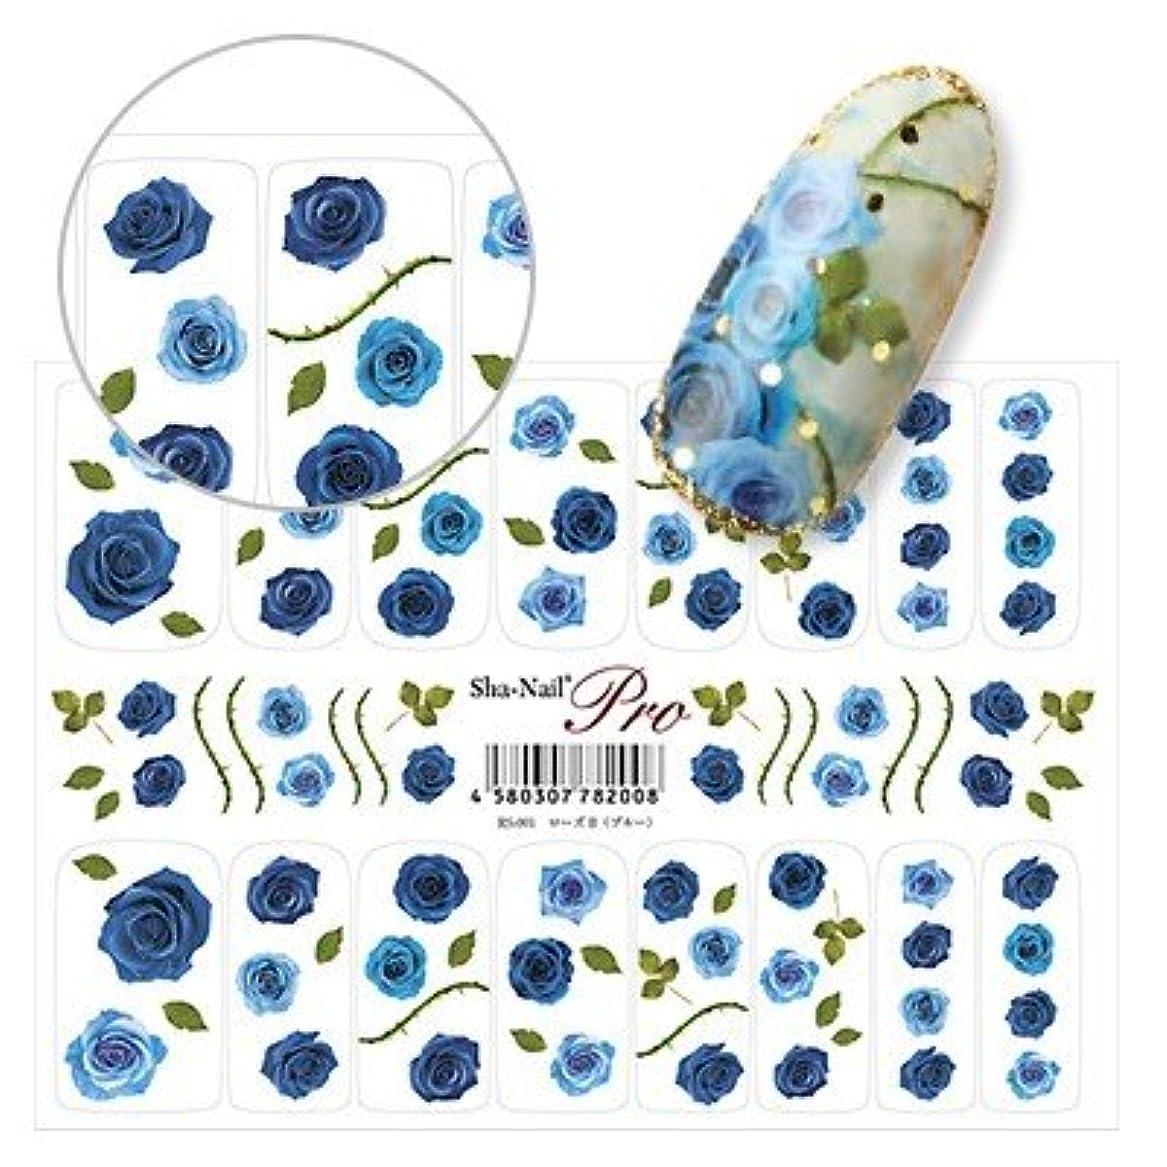 奇跡的な鋭く側面Sha-Nail Pro ネイルシール ローズB ブルー アート材